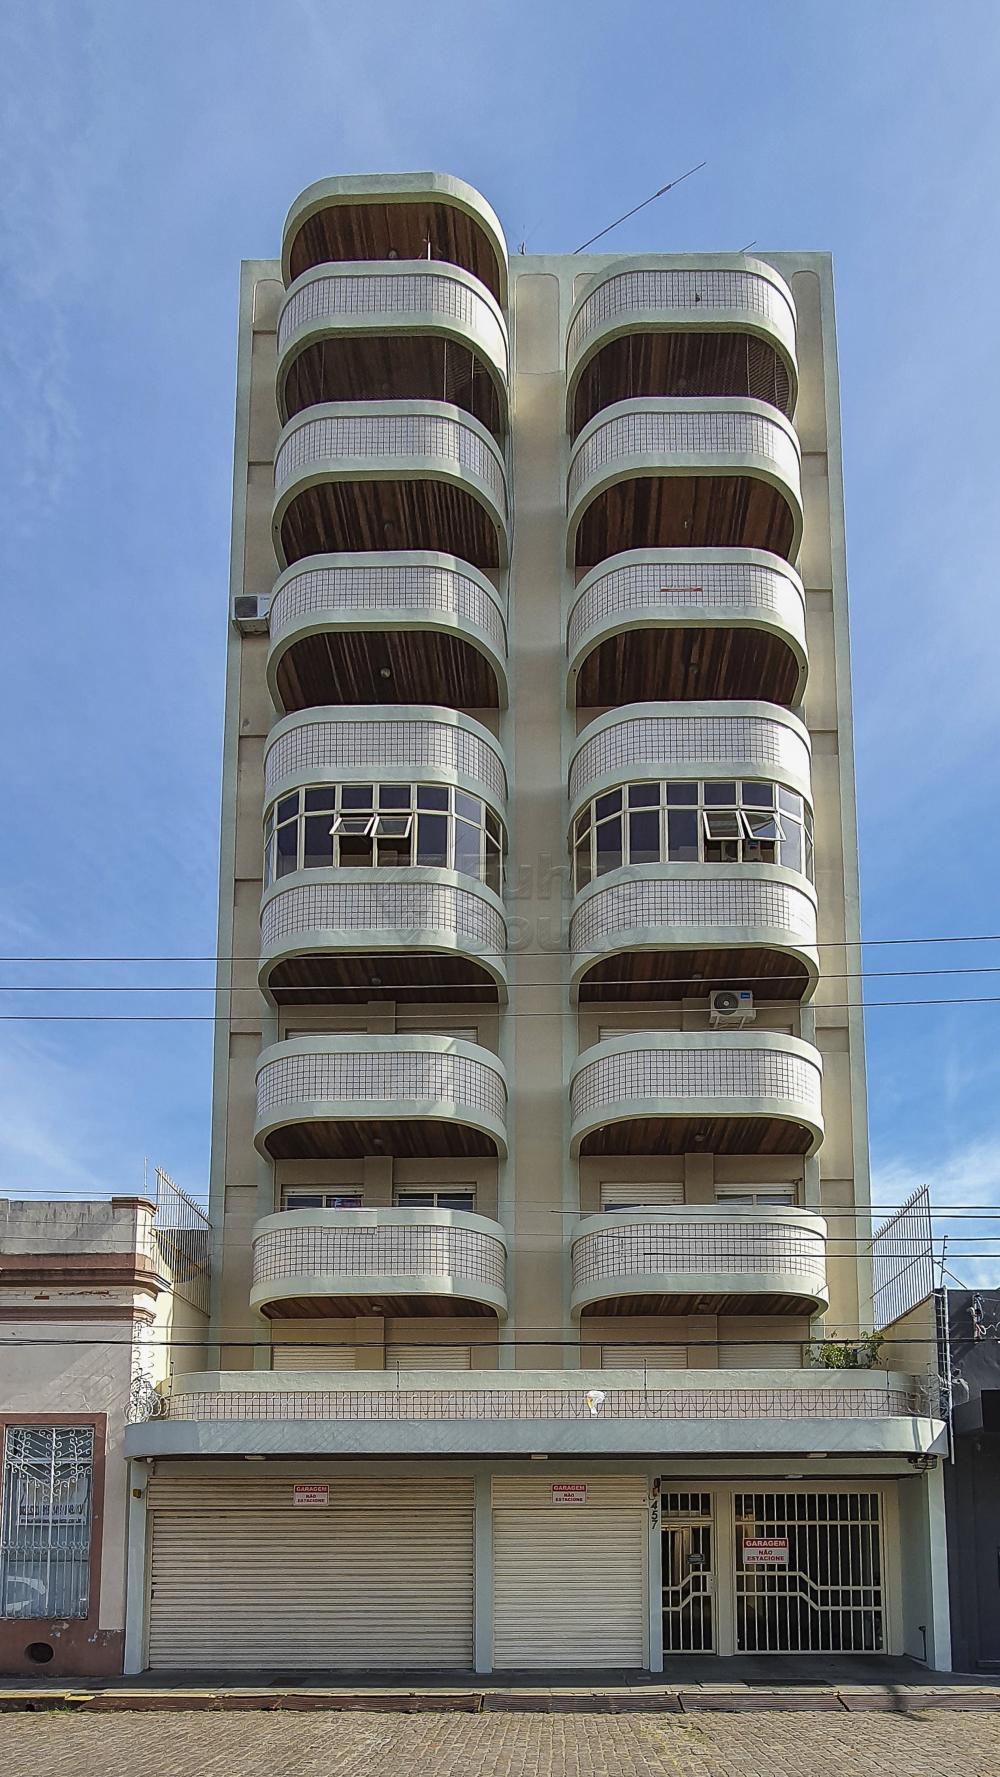 Comprar Apartamento / Cobertura em Pelotas R$ 850.000,00 - Foto 1